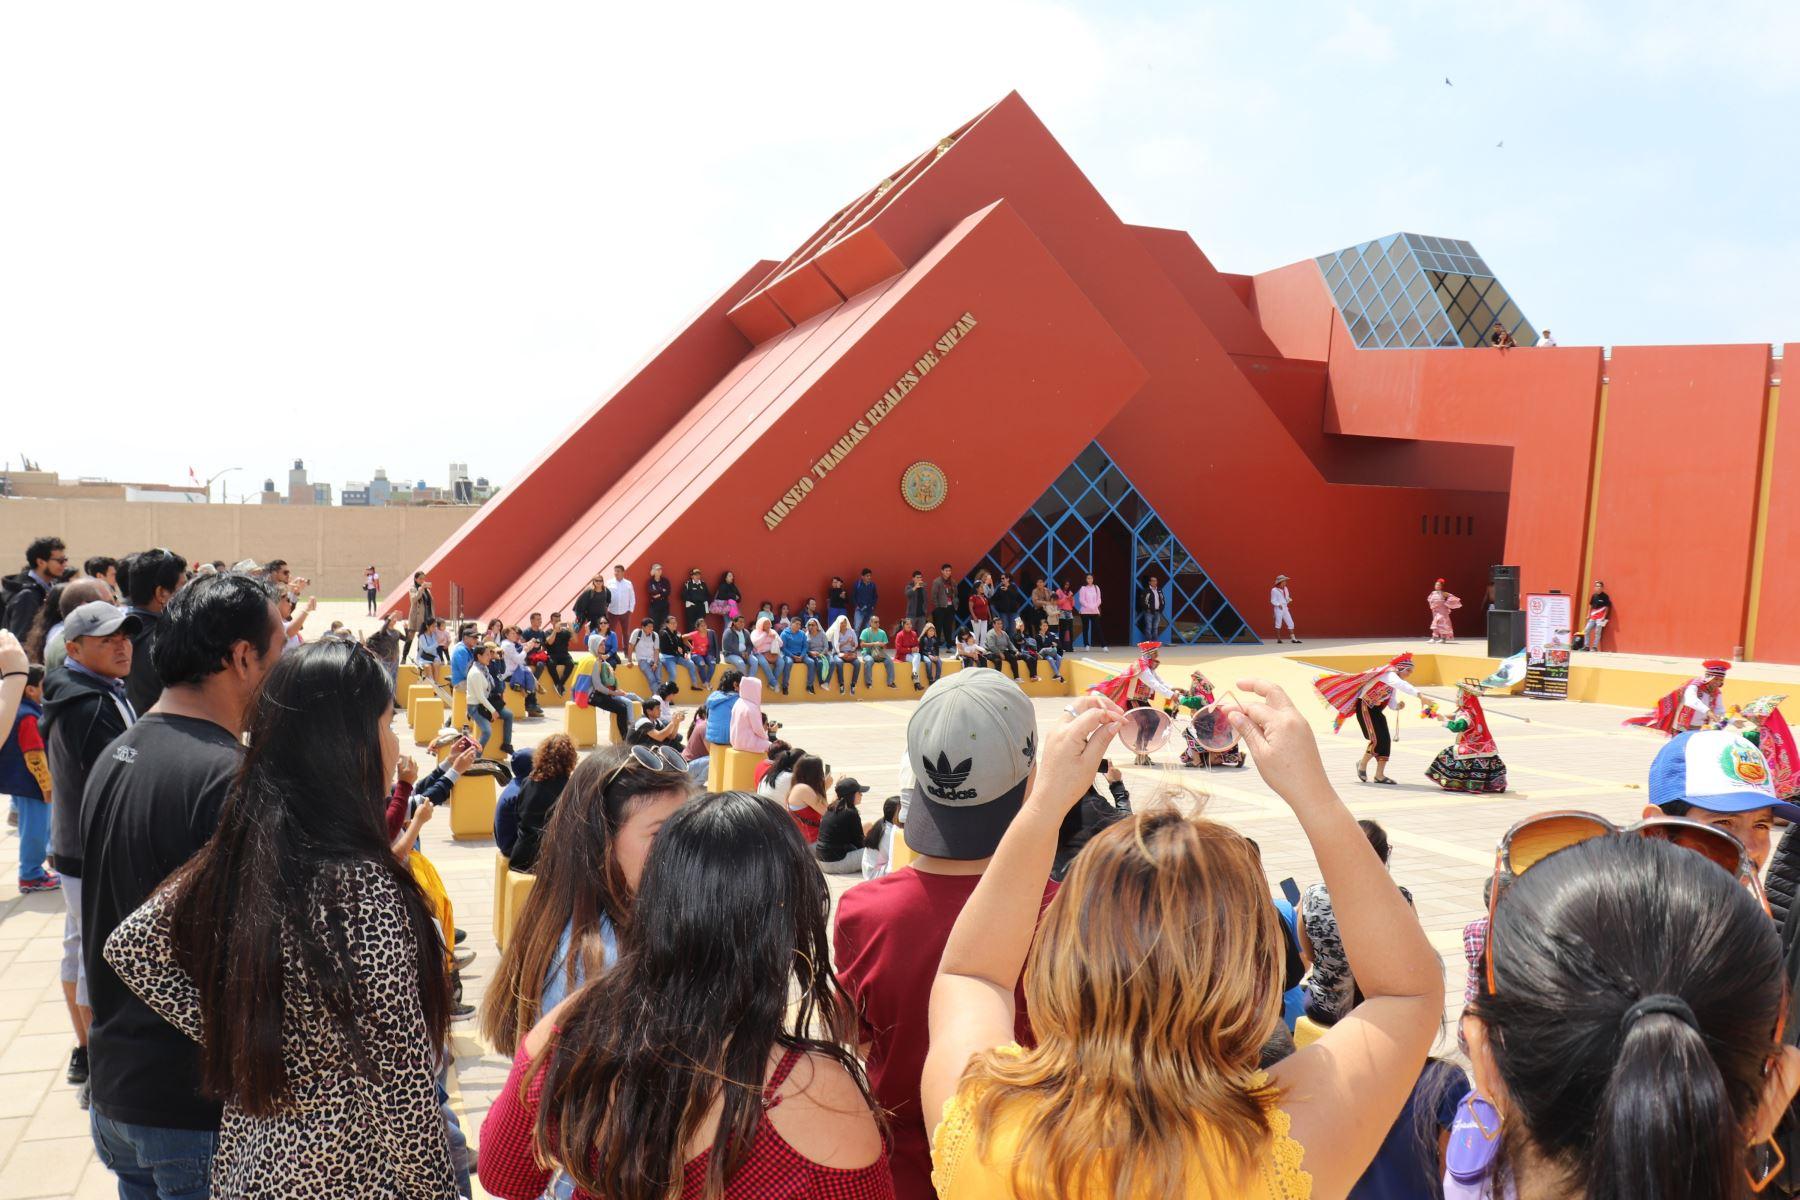 El Museo Tumbas Reales de Sipán, ubicado en la región Lambayeque, recibió más de 4,300 visitantes el domingo último. Foto: ANDINA/Silvia Depaz